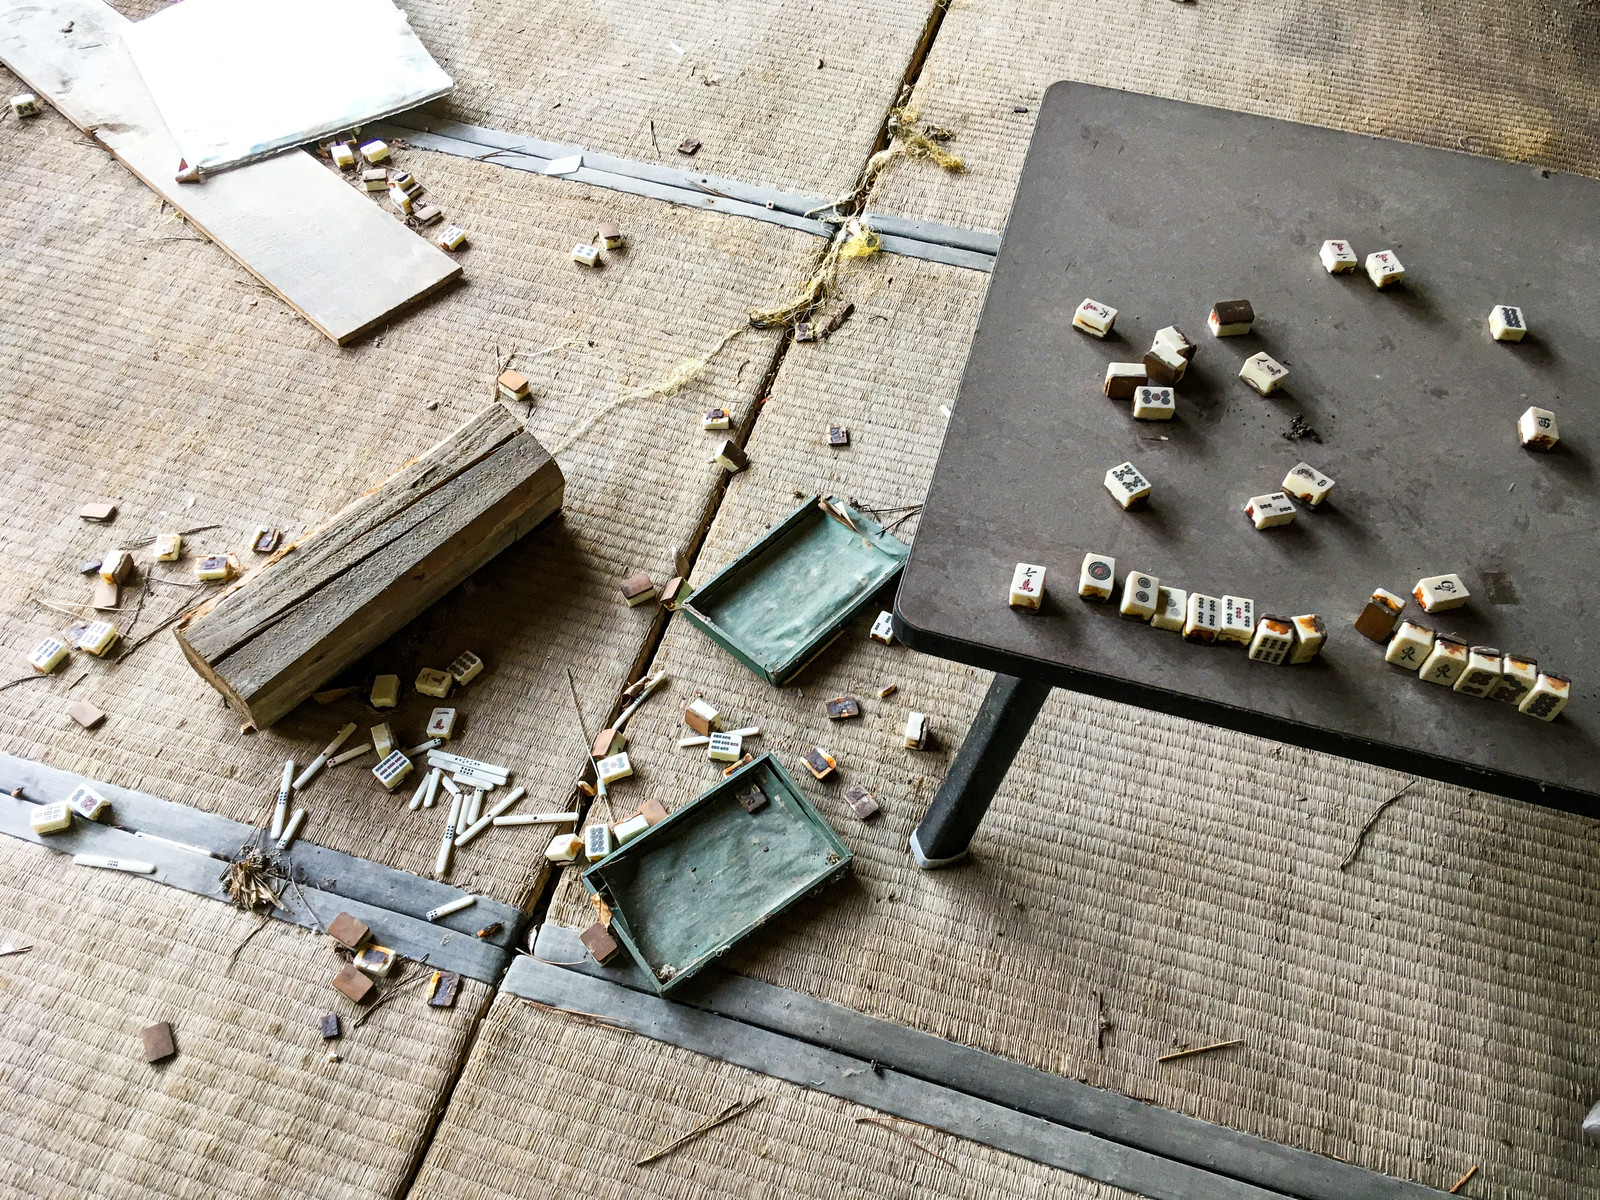 「廃屋の和室に散らばった麻雀牌」の写真